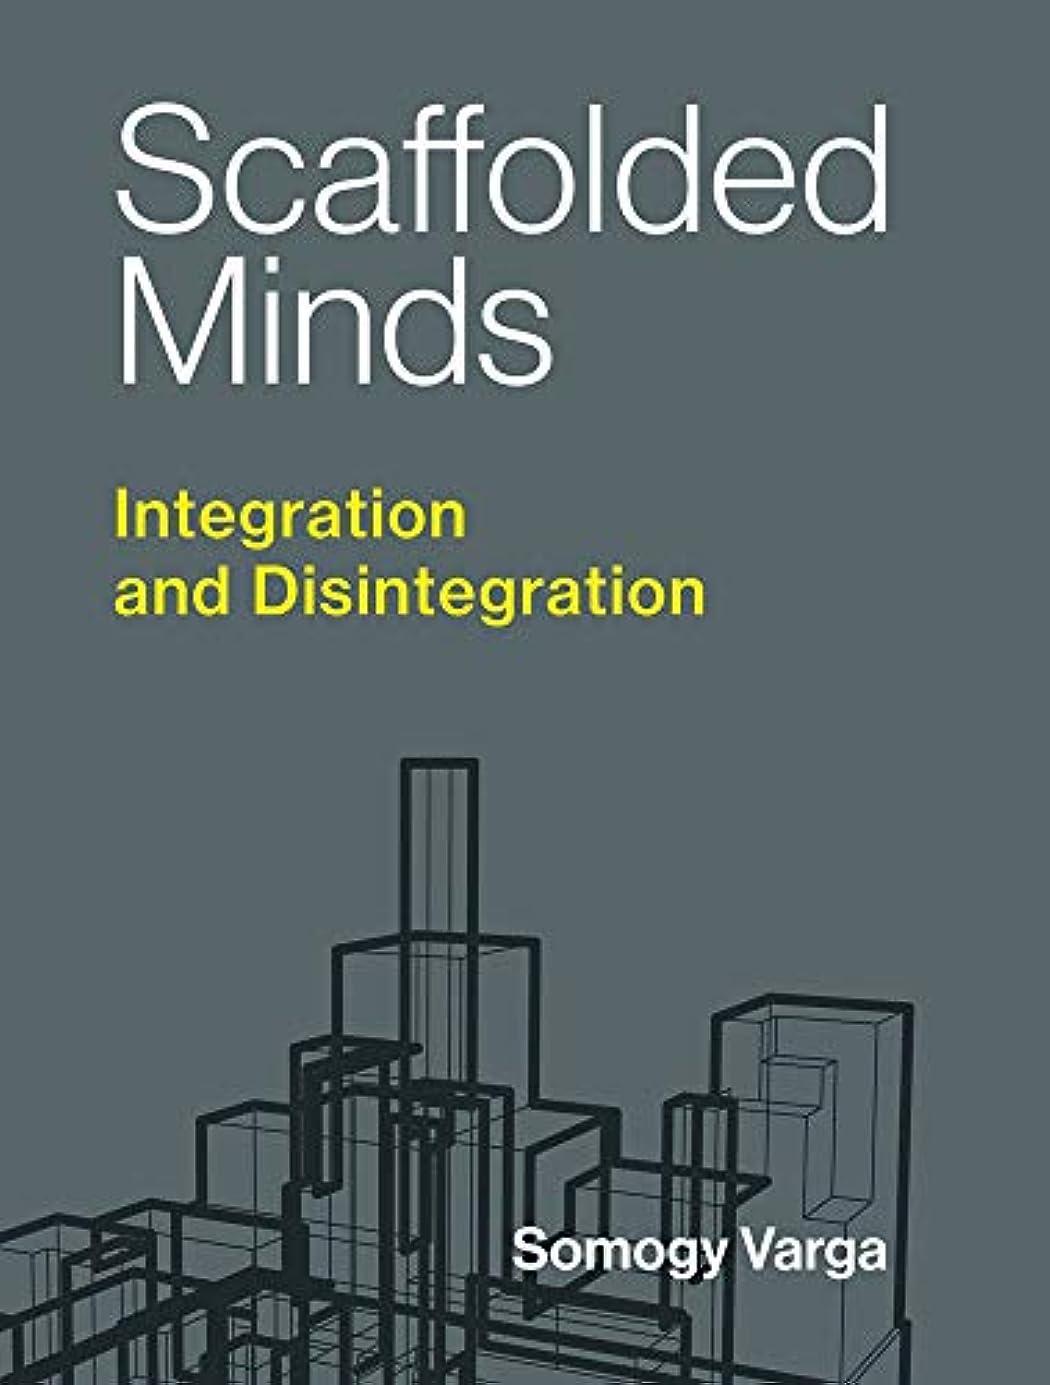 しょっぱい死傷者ソーダ水Scaffolded Minds: Integration and Disintegration (Philosophical Psychopathology)